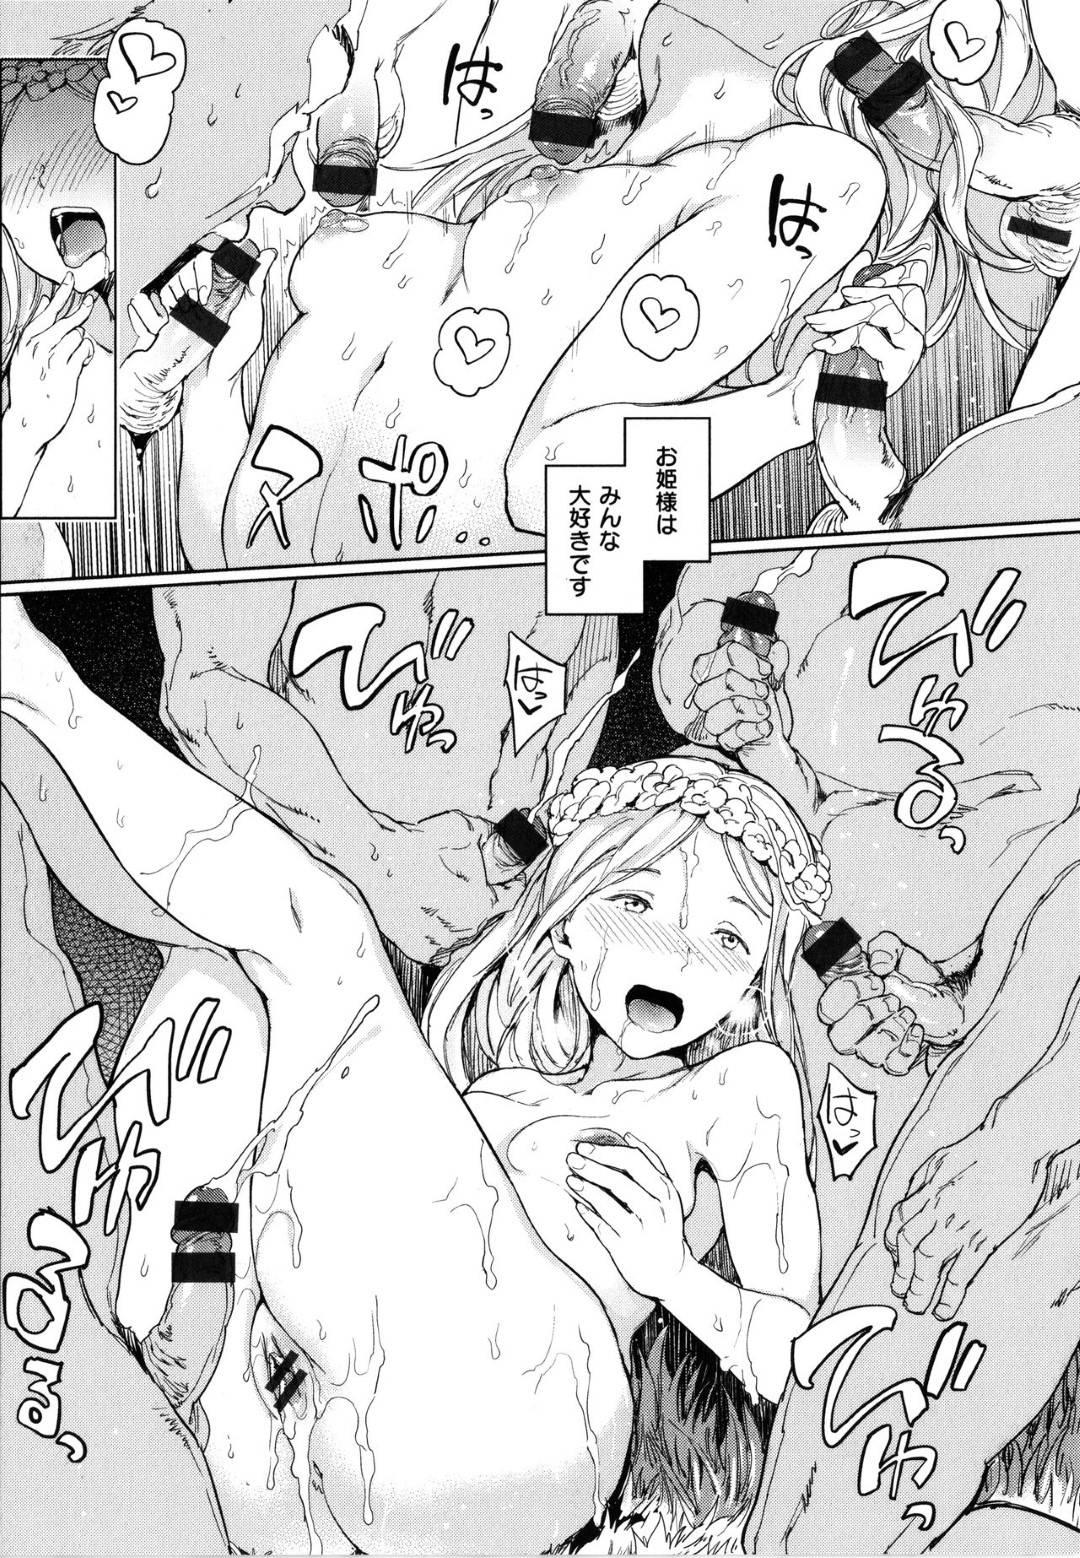 【エロ漫画】森でピクニック中の複数の全裸男性と全裸のちっぱい少女…花の匂いは怪しい気分にさせ乱交が始まる!多くの男性の中で暮らす一人の少女は毎日セックスを愉しむ!【mogg】